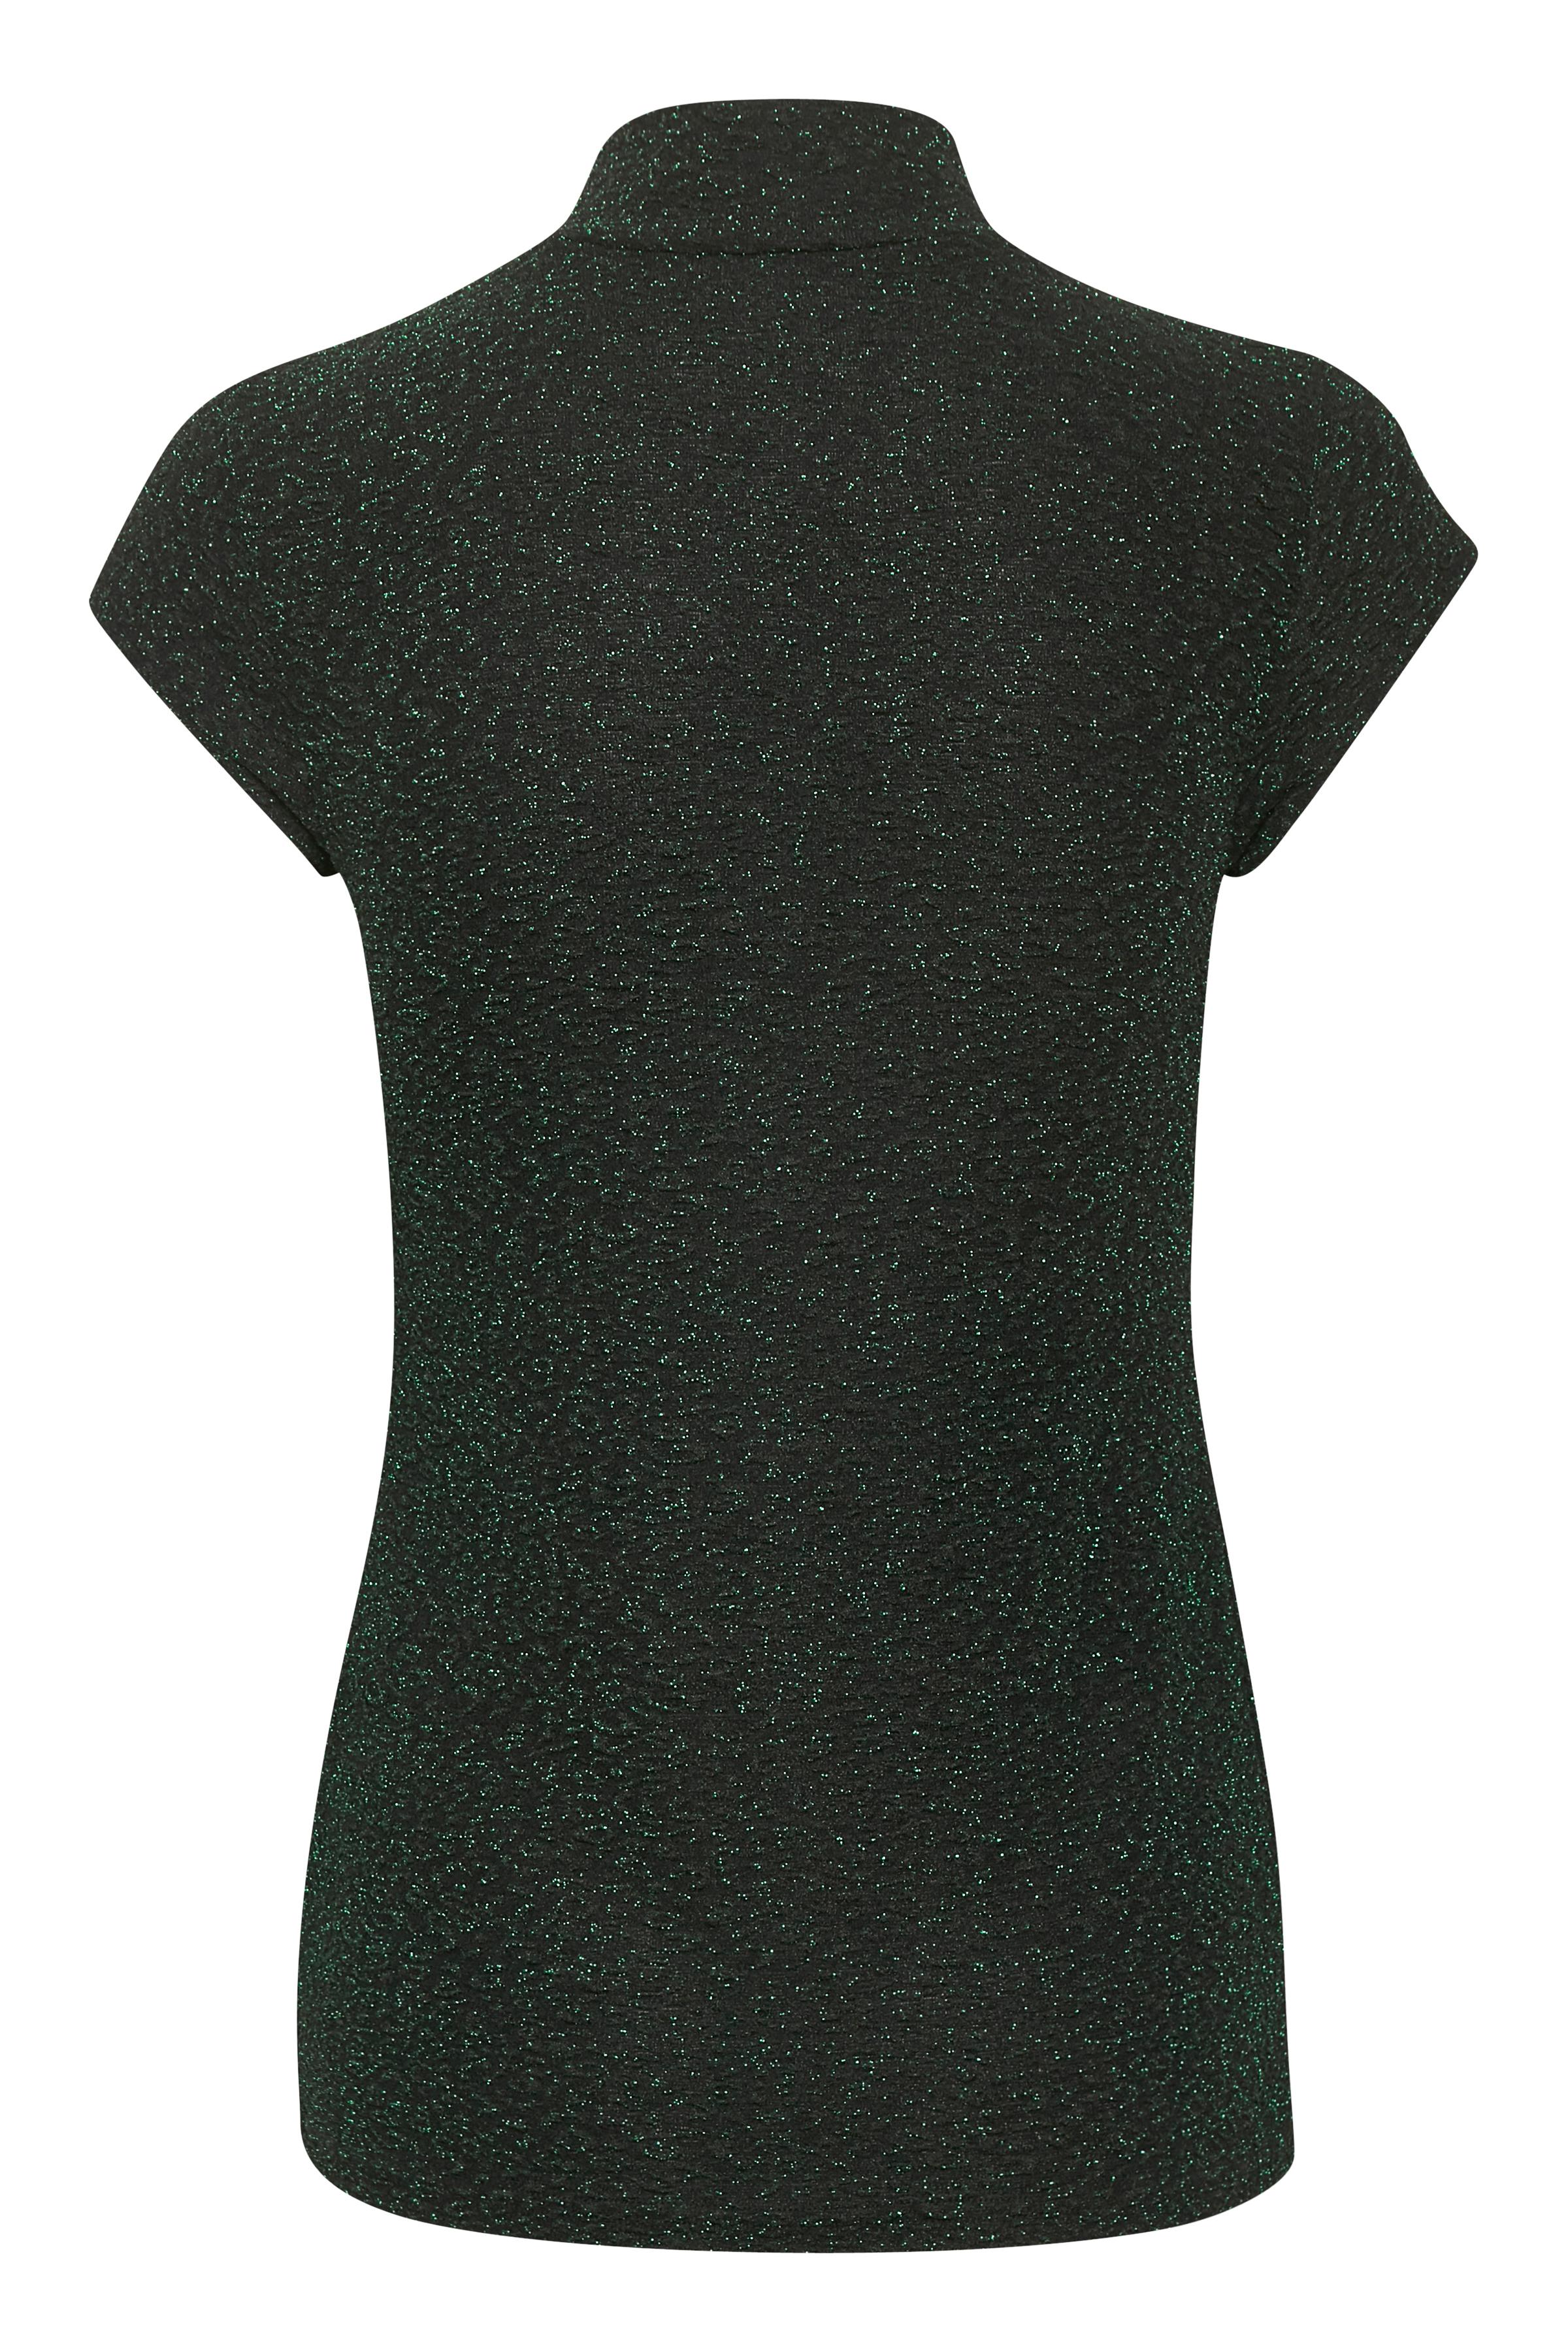 Dunkel olivgrün Kurzarm-Bluse von Kaffe – Shoppen Sie Dunkel olivgrün Kurzarm-Bluse ab Gr. XS-XXL hier